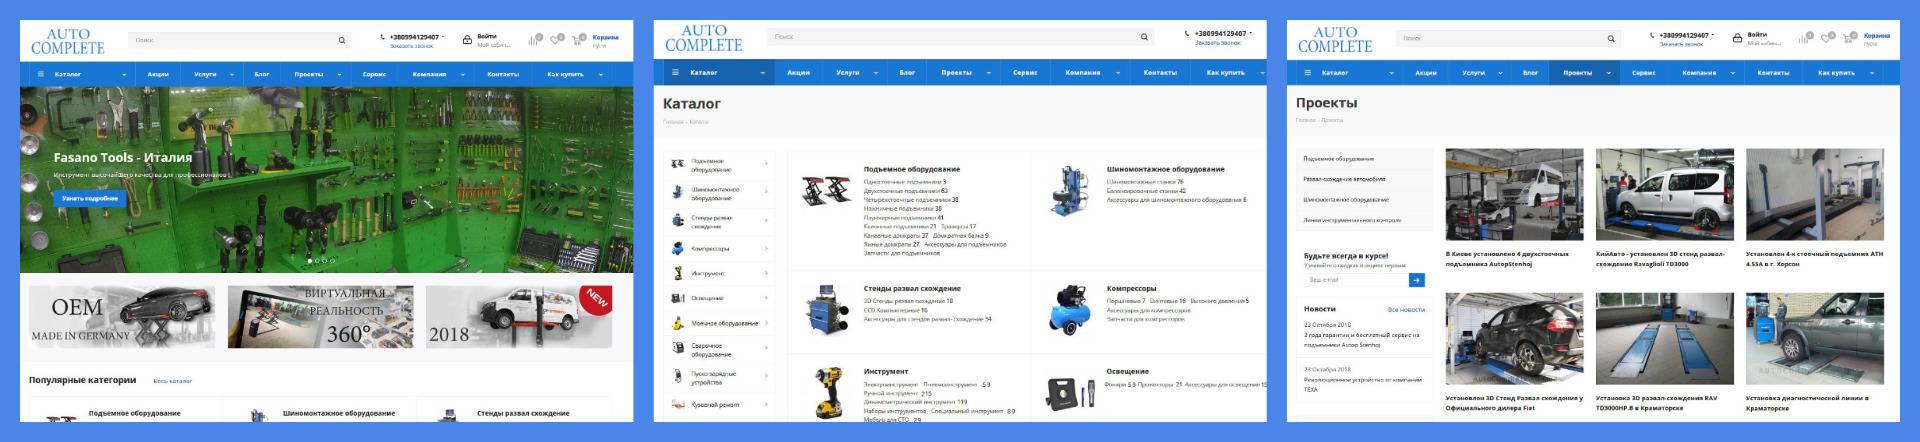 Наш новый сайт autocomplete.com.ua